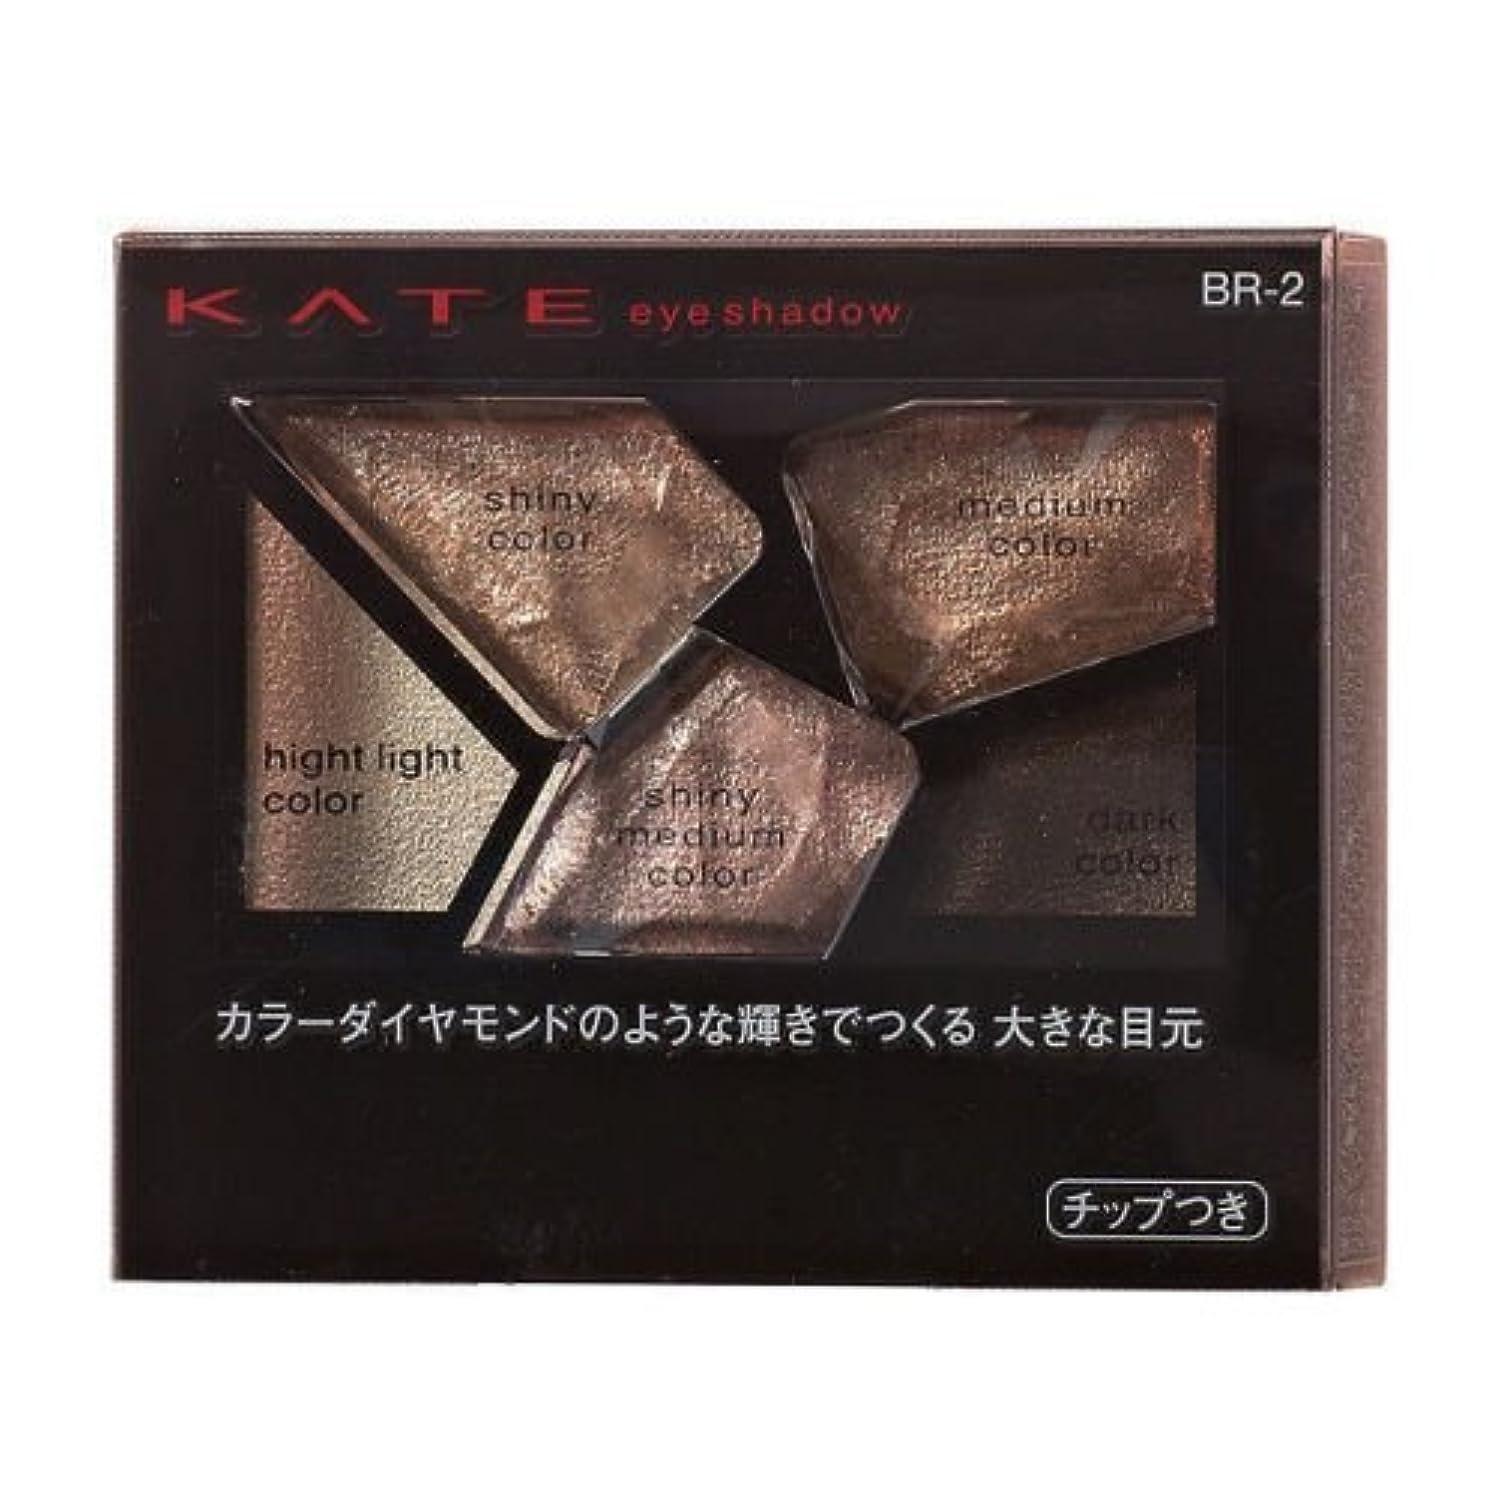 添加剤語租界【カネボウ】ケイト カラーシャスダイヤモンド #BR-2 2.8g